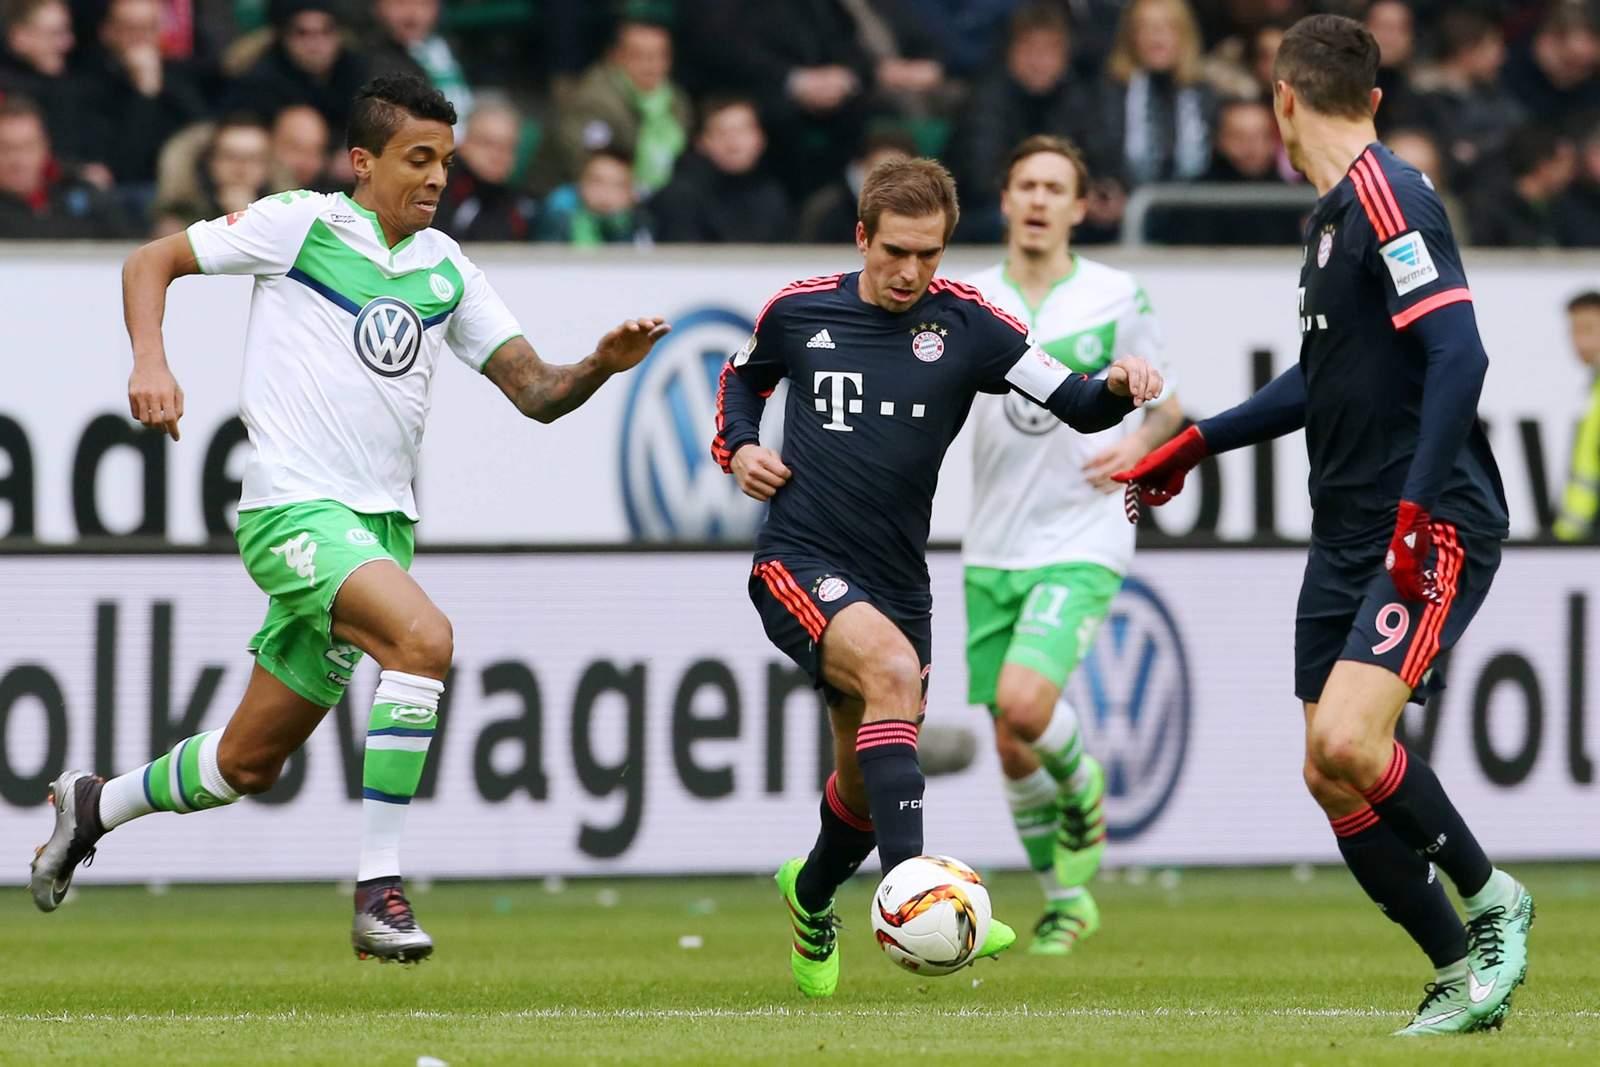 Setzt sich Lahm gegen Gustavo durch? Jetzt auf Bayern gegen Wolfsburg wetten